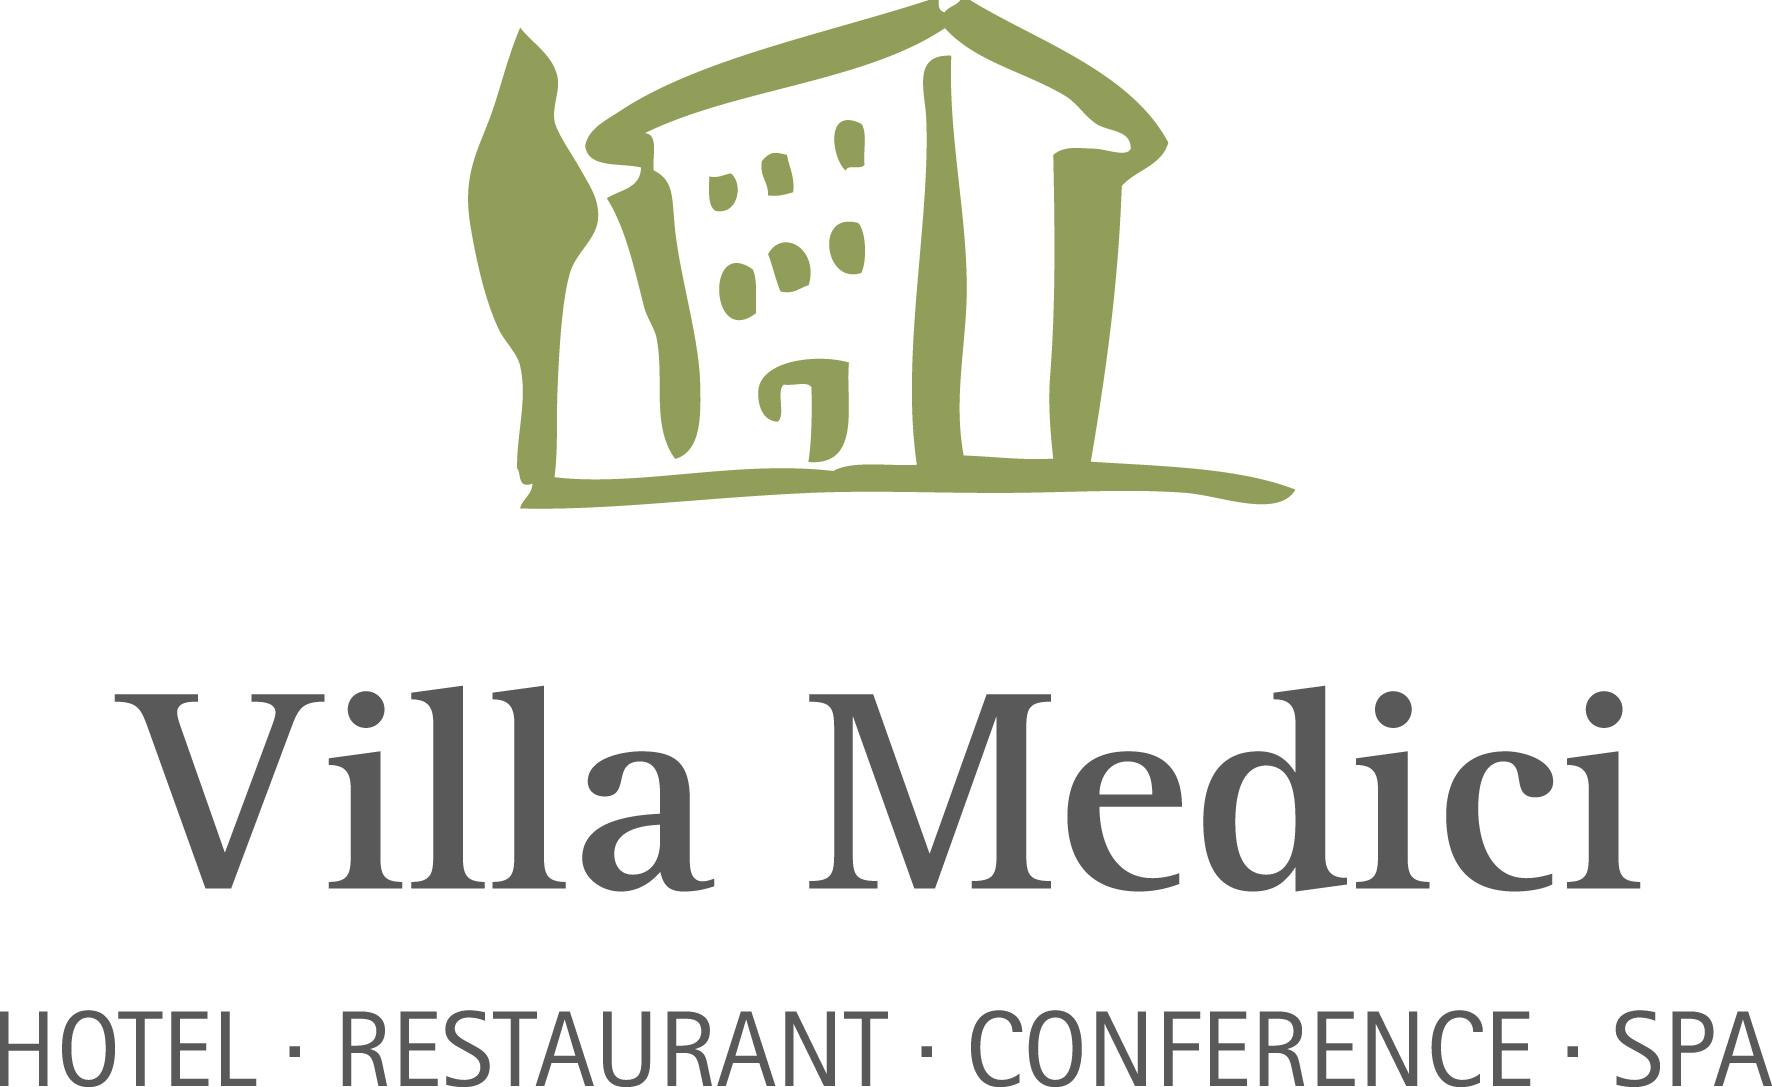 villa-medici-olive-logo